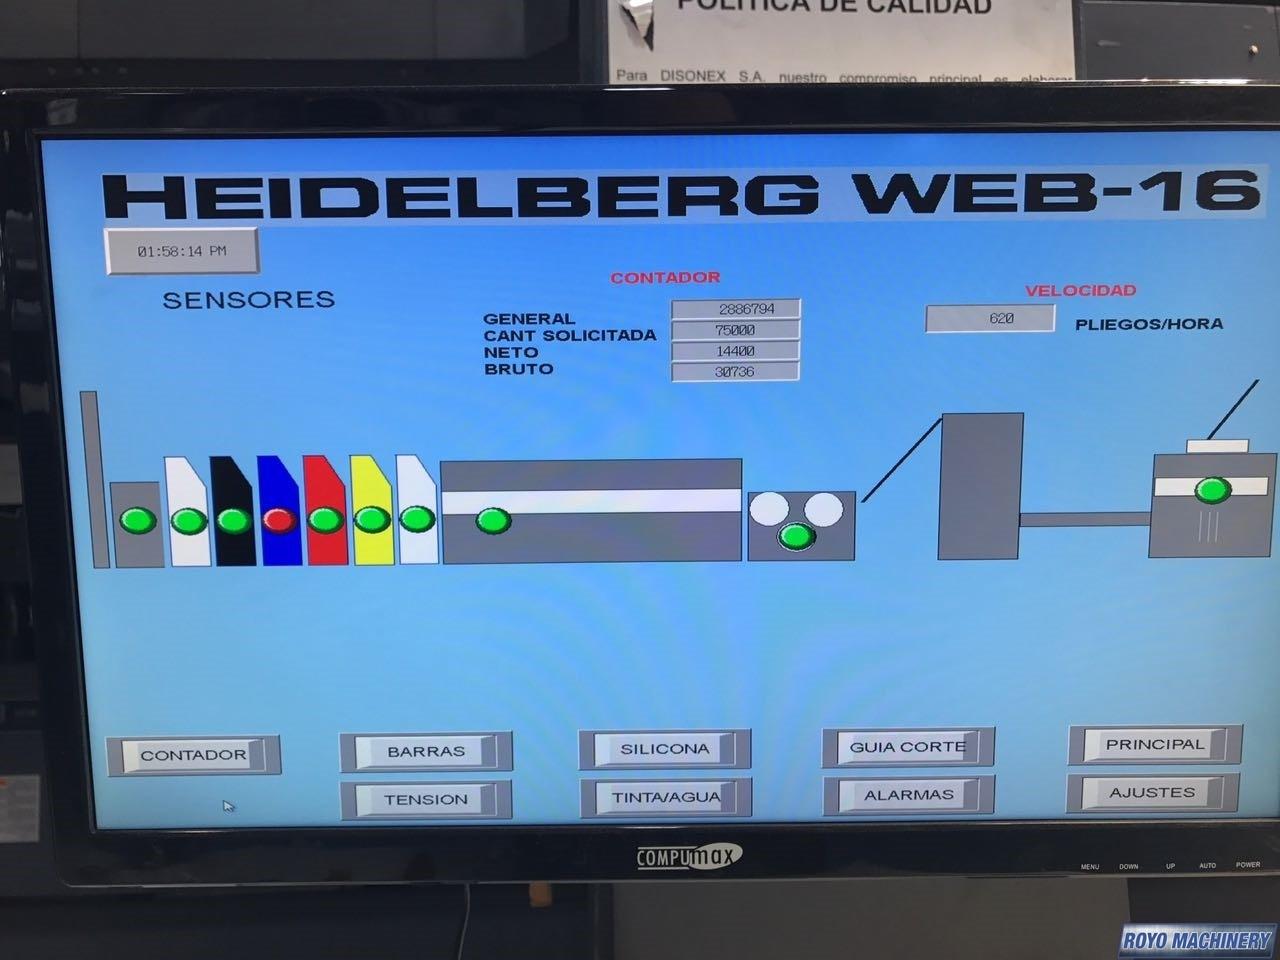 Heidelberg Web 16